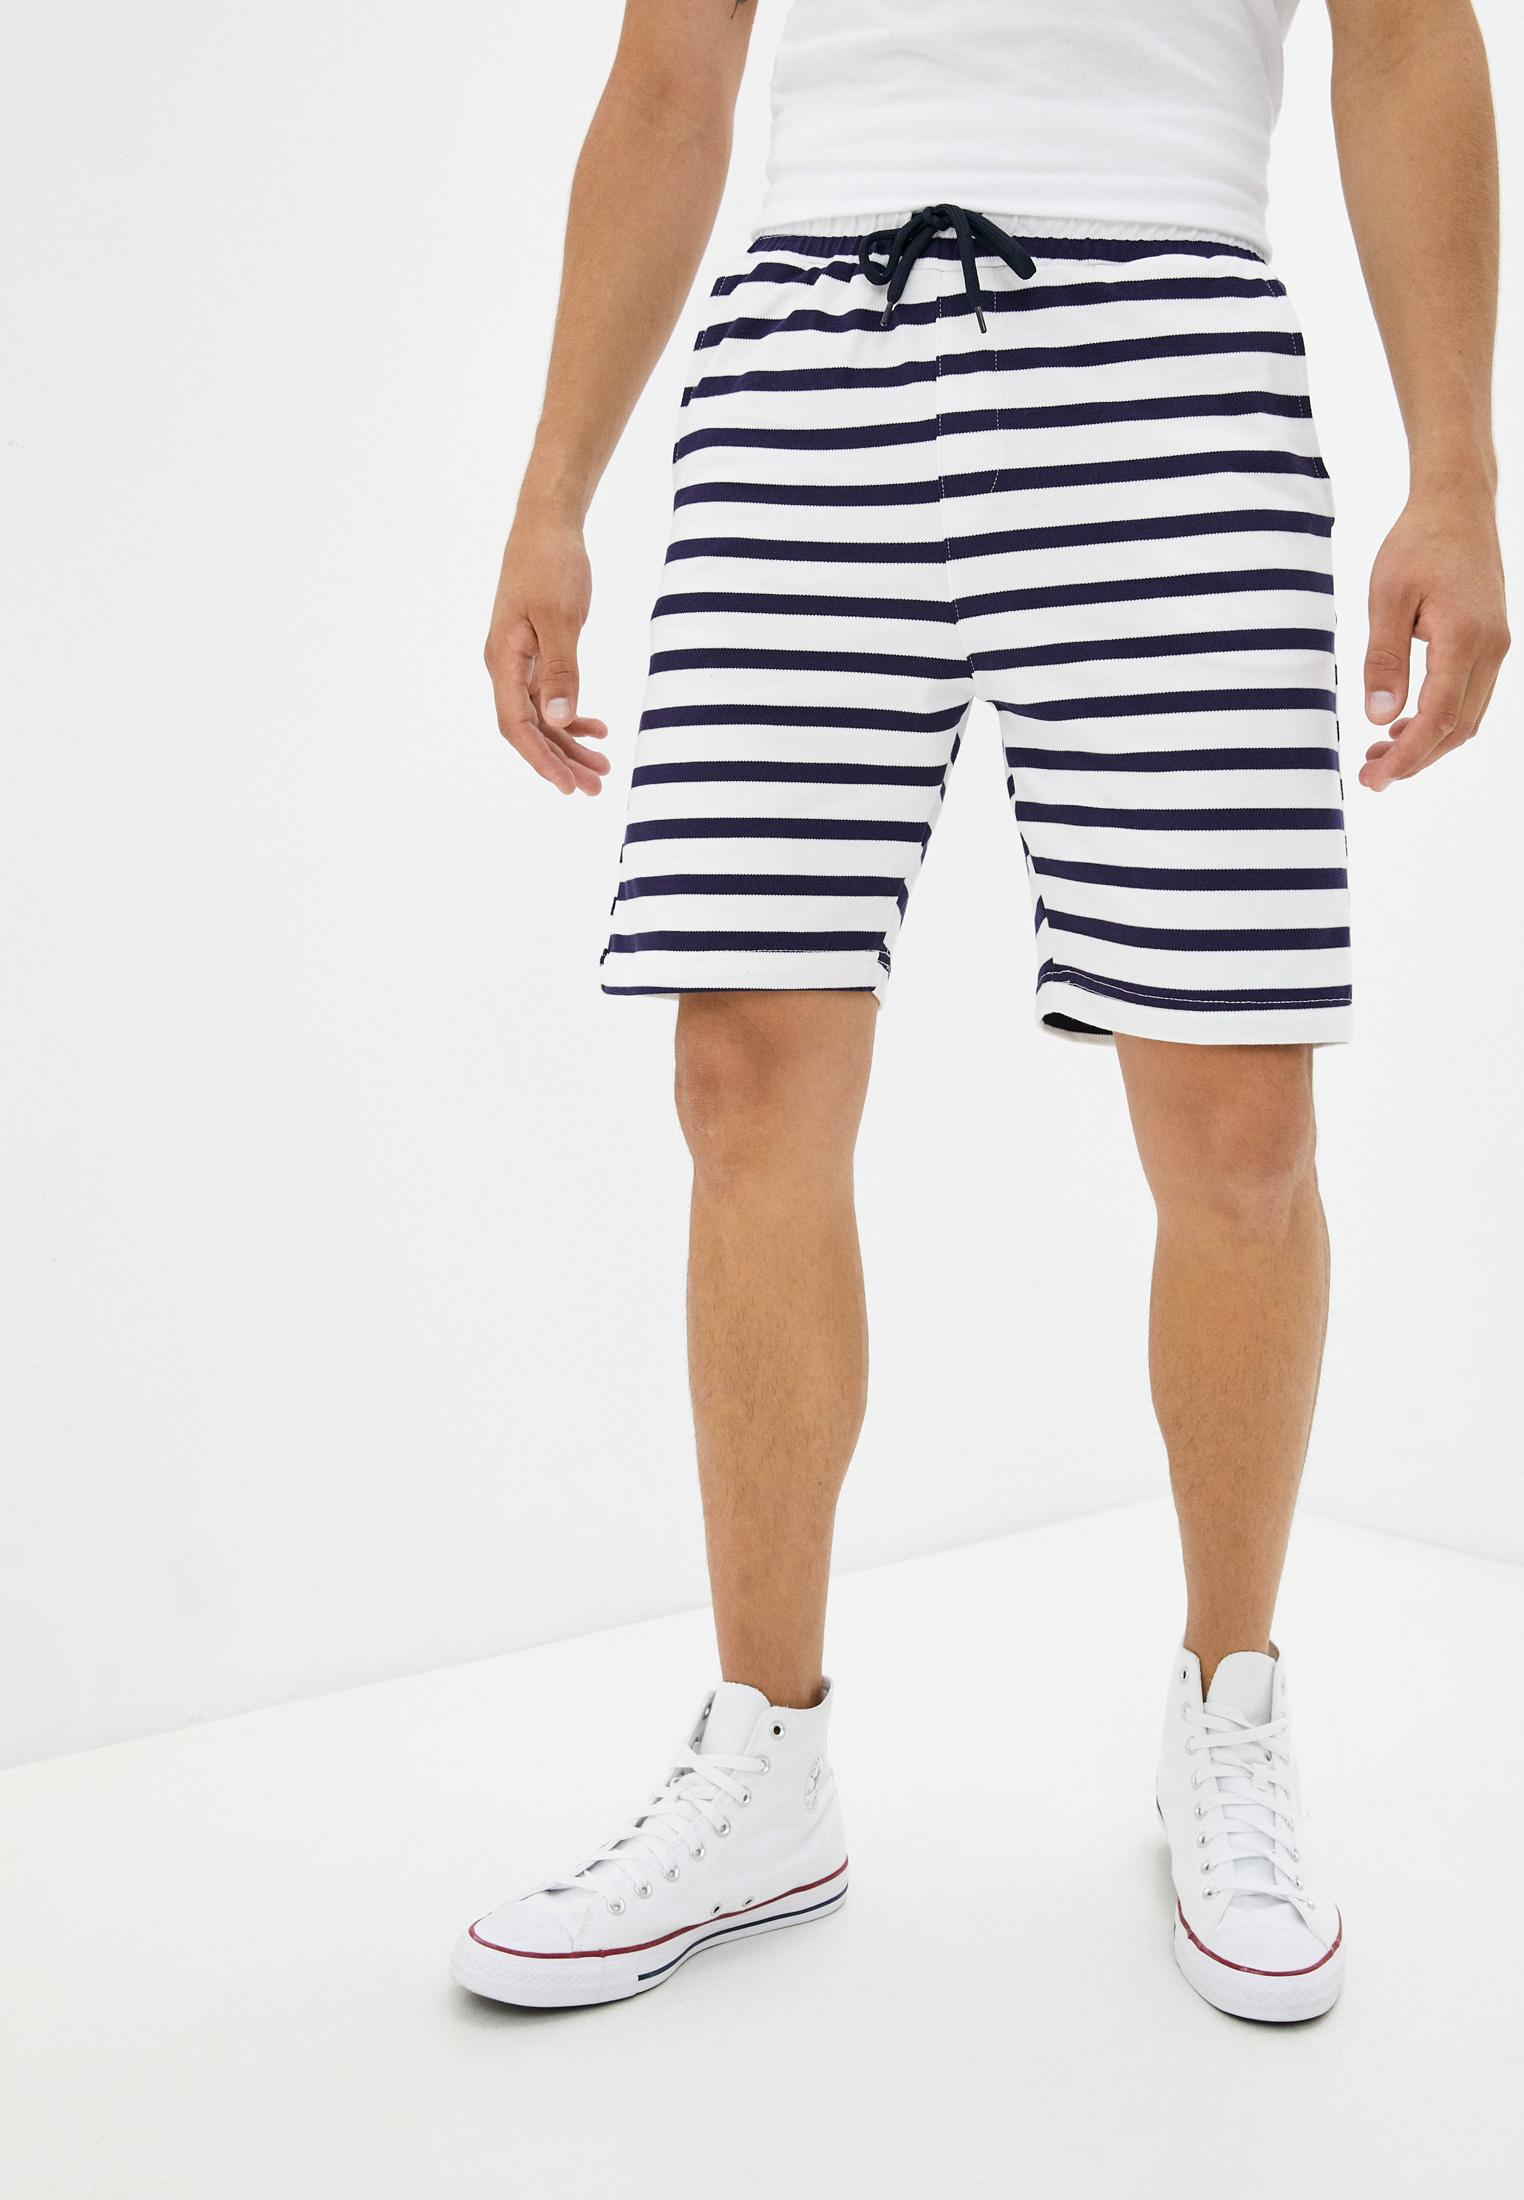 Мужские повседневные шорты Trendyol Шорты спортивные Trendyol